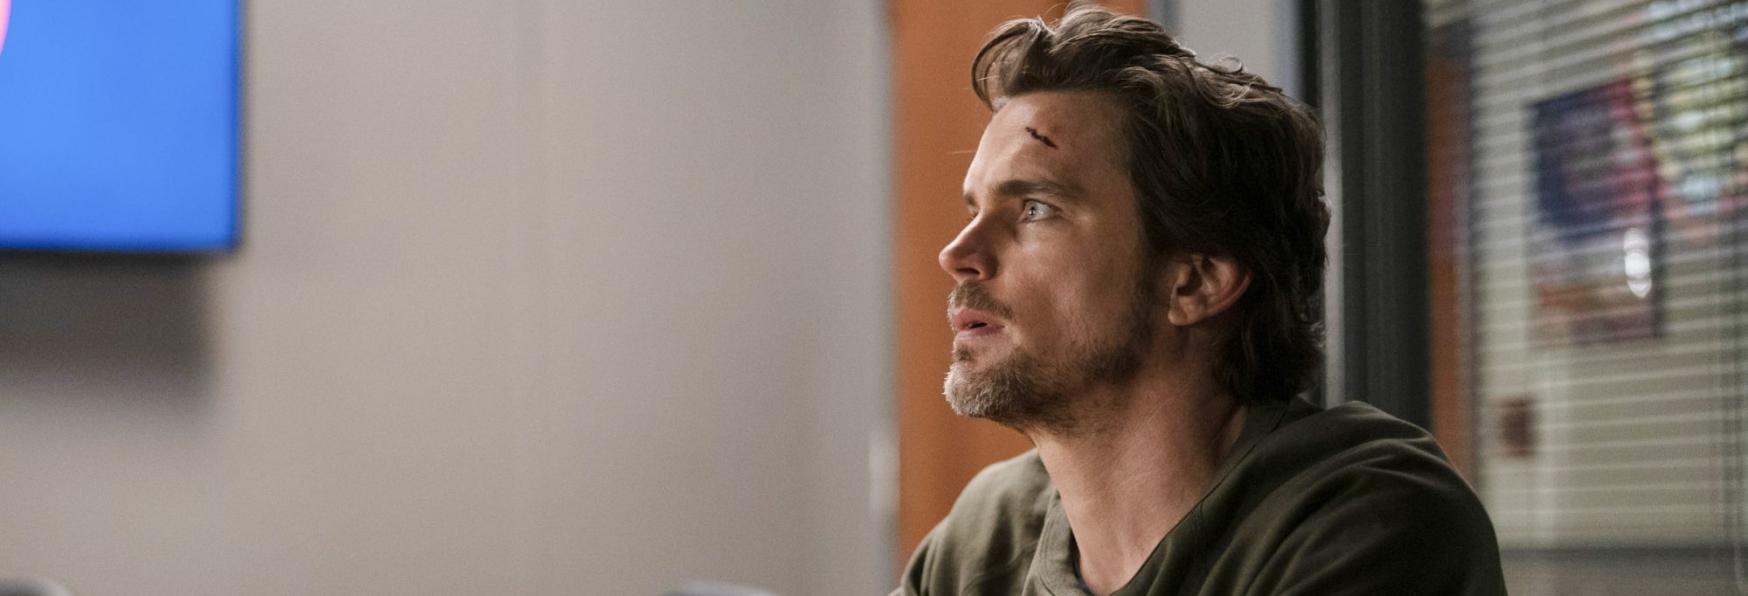 Echoes: Matt Bomer sarà il Protagonista Maschile della nuova Serie TV targata Netflix